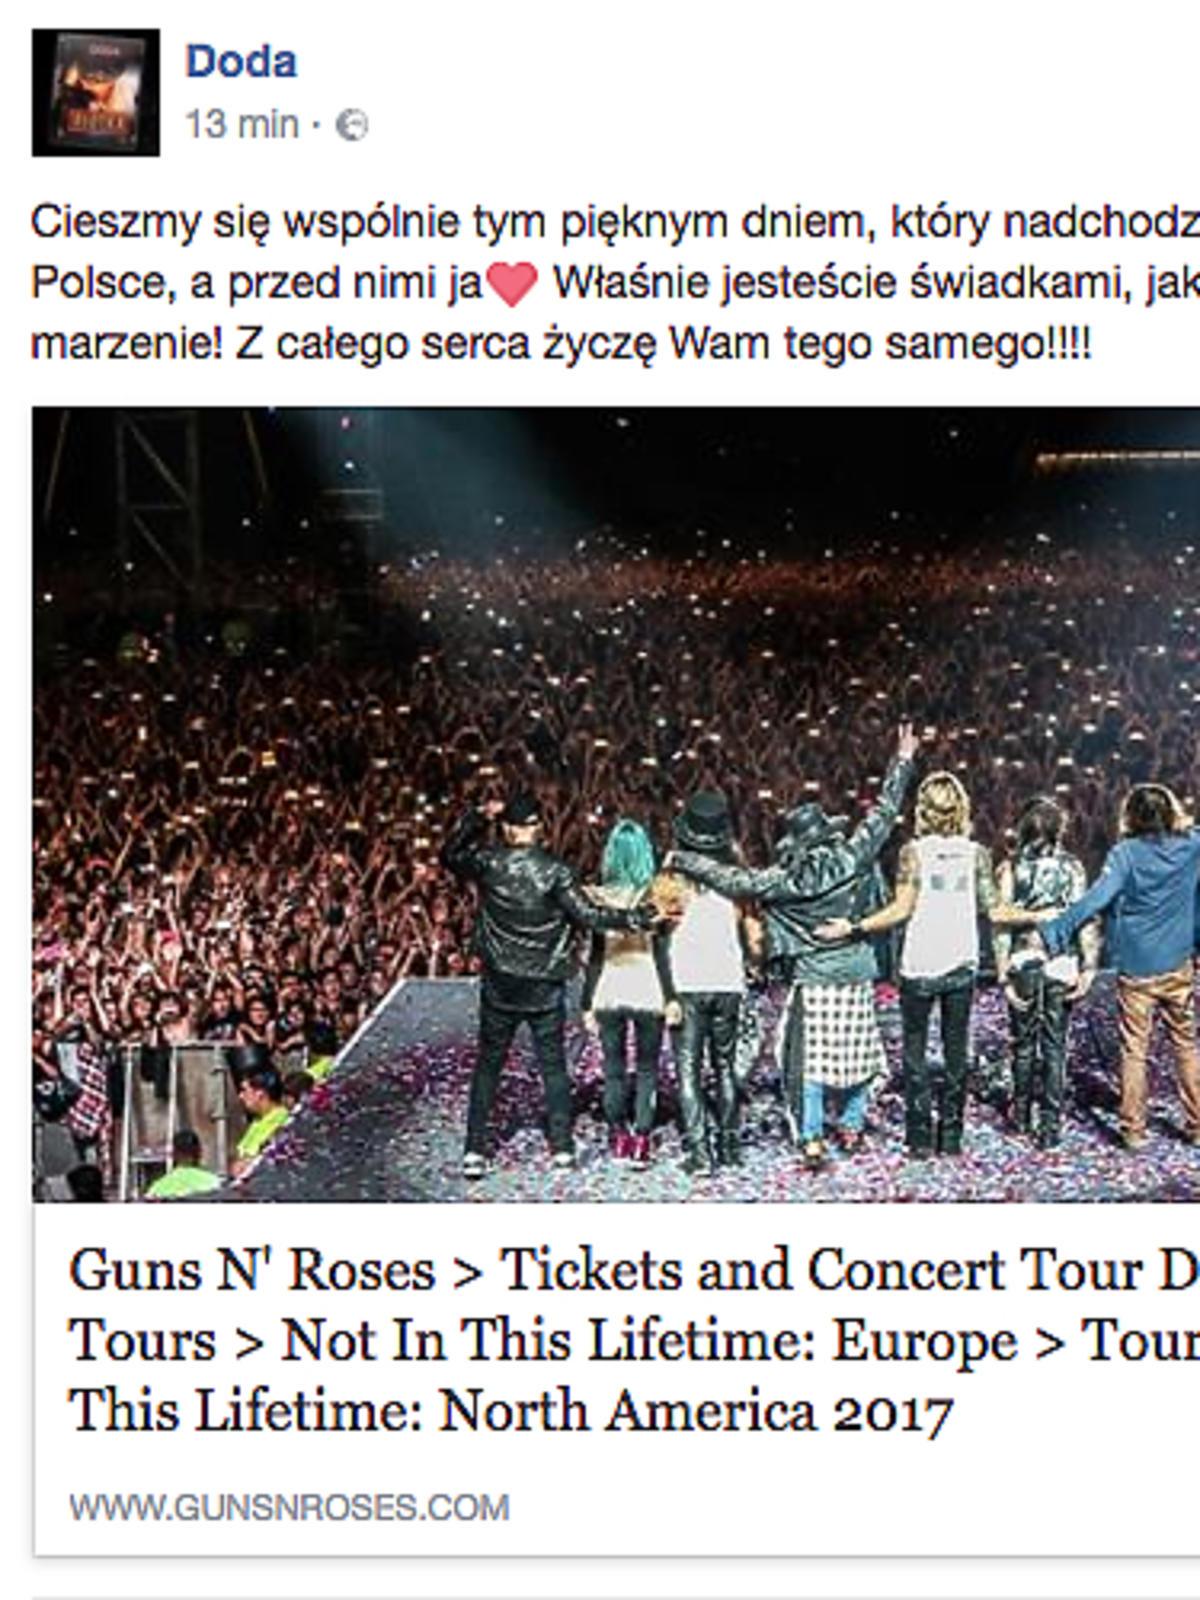 Doda zagra support przez zespołem Guns N'Roses